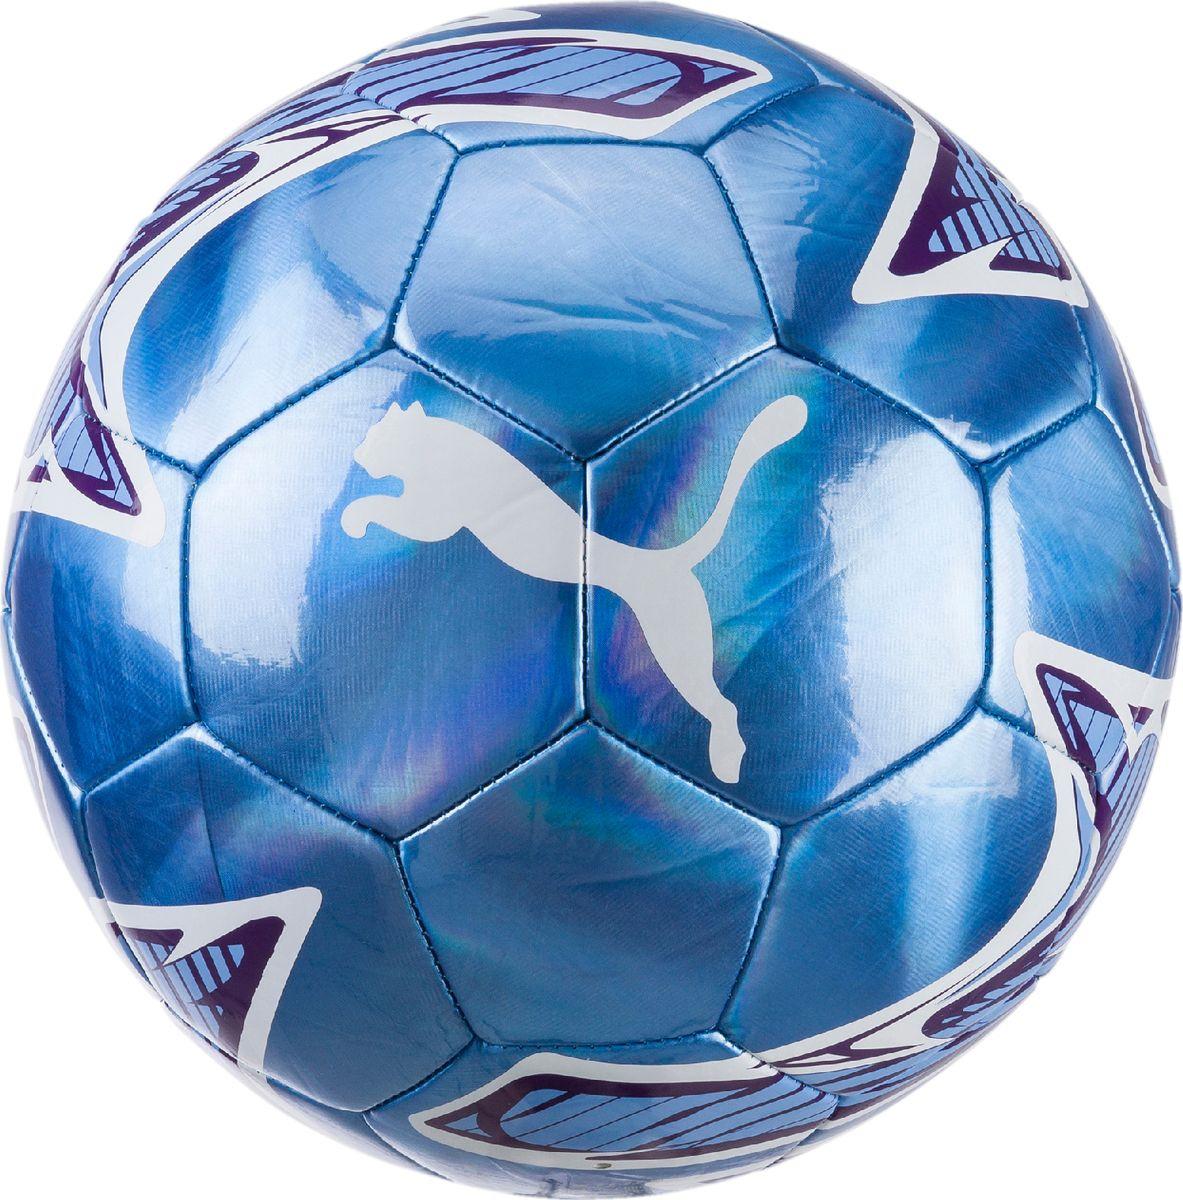 Мяч футбольный Puma MCFC Puma One Laser Ball, 08325327, синий, белый, размер 5